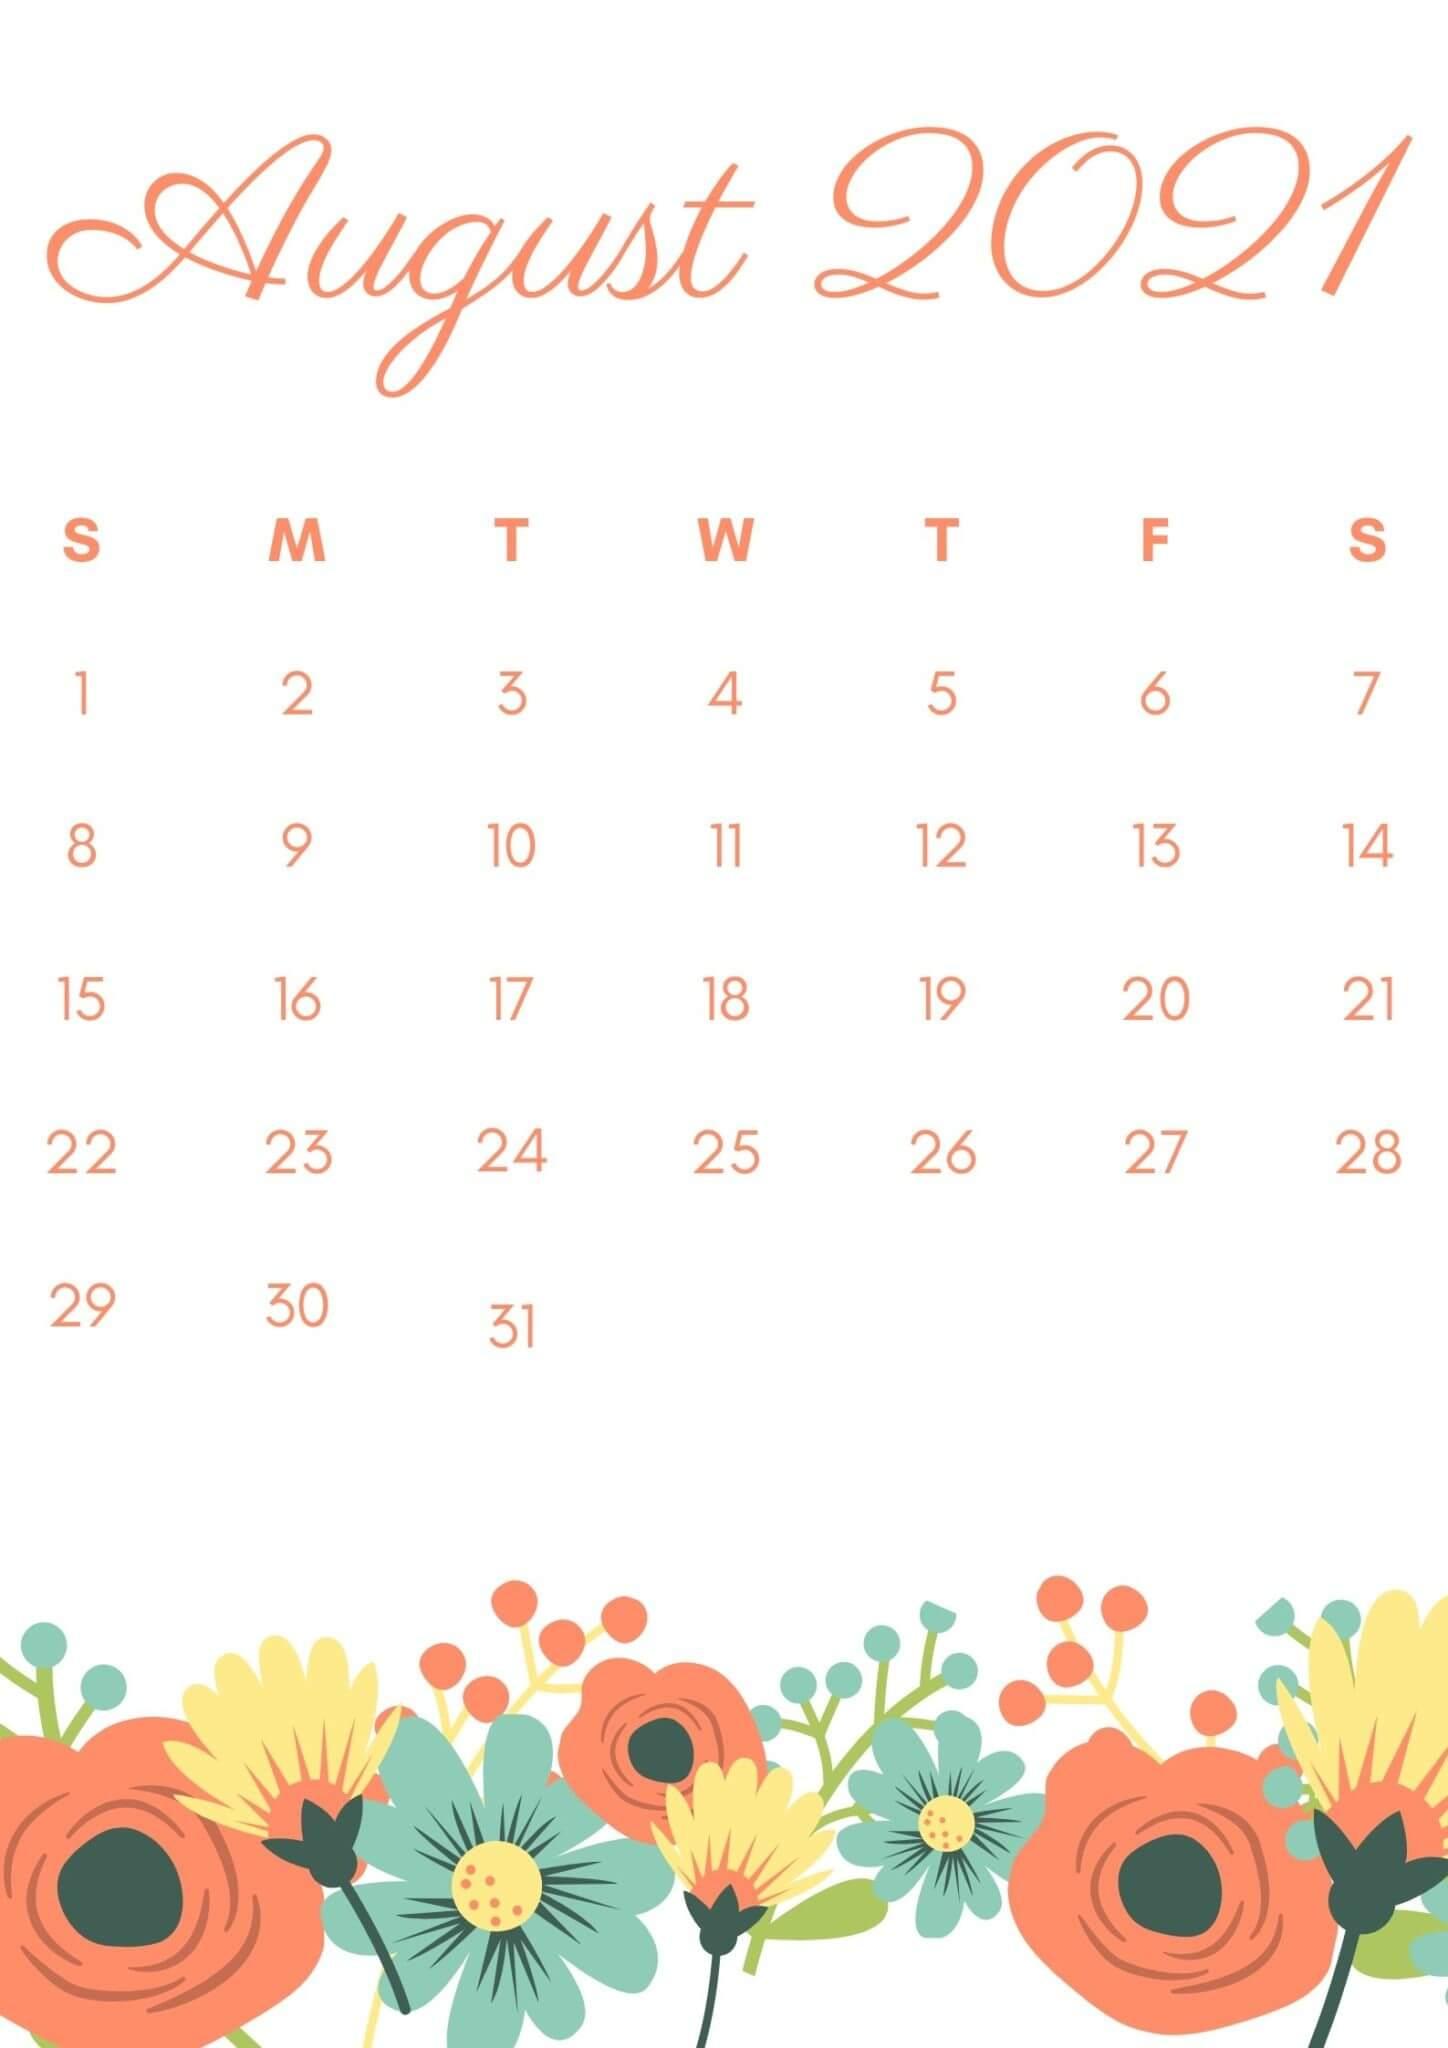 Floral August 2021 Calendar Wallpaper